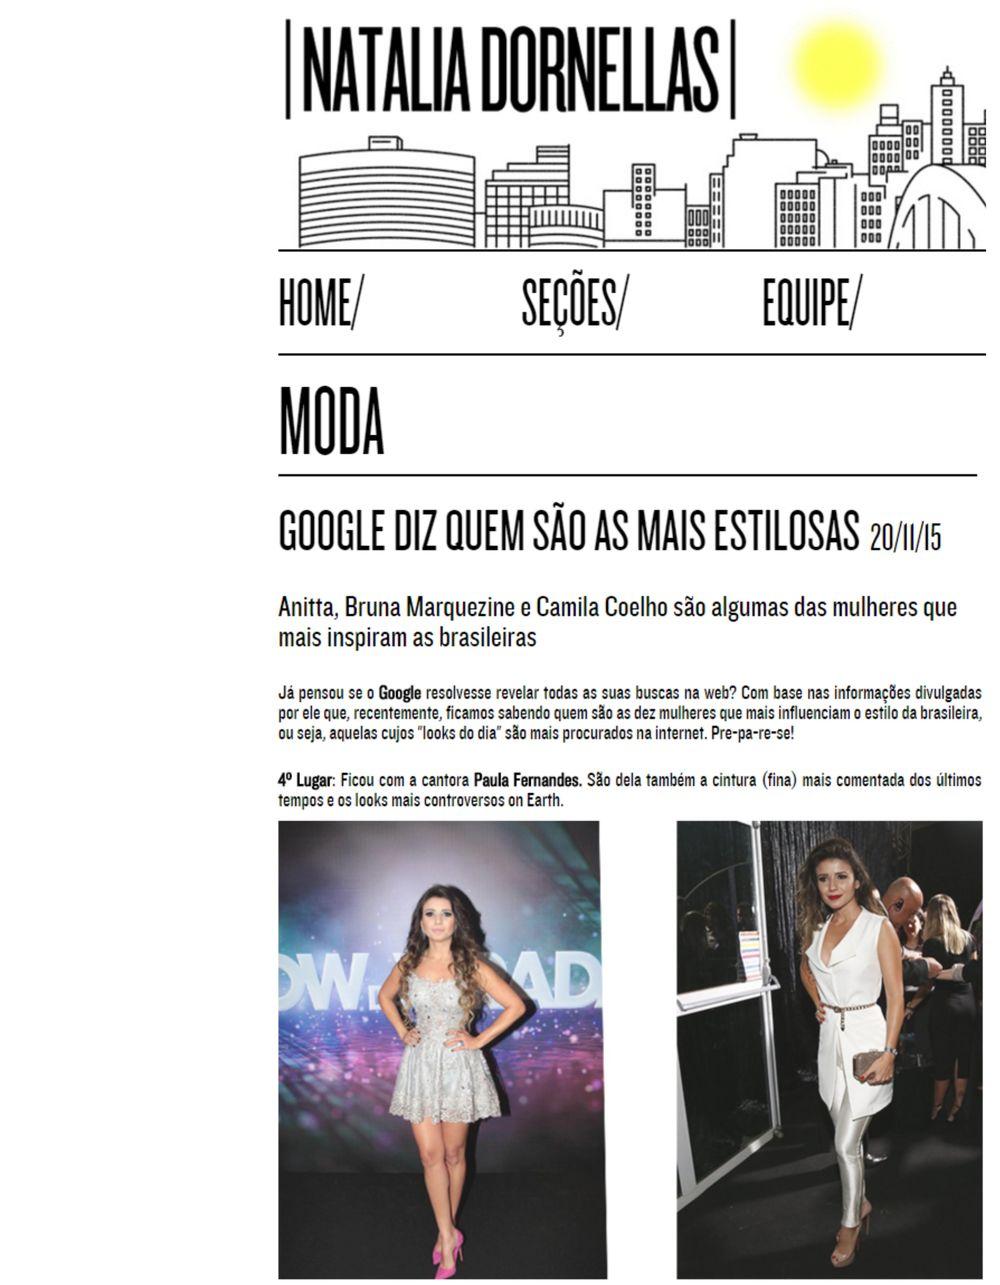 Cajo - Site Natália Dornellas - 20-11-2015.jpg